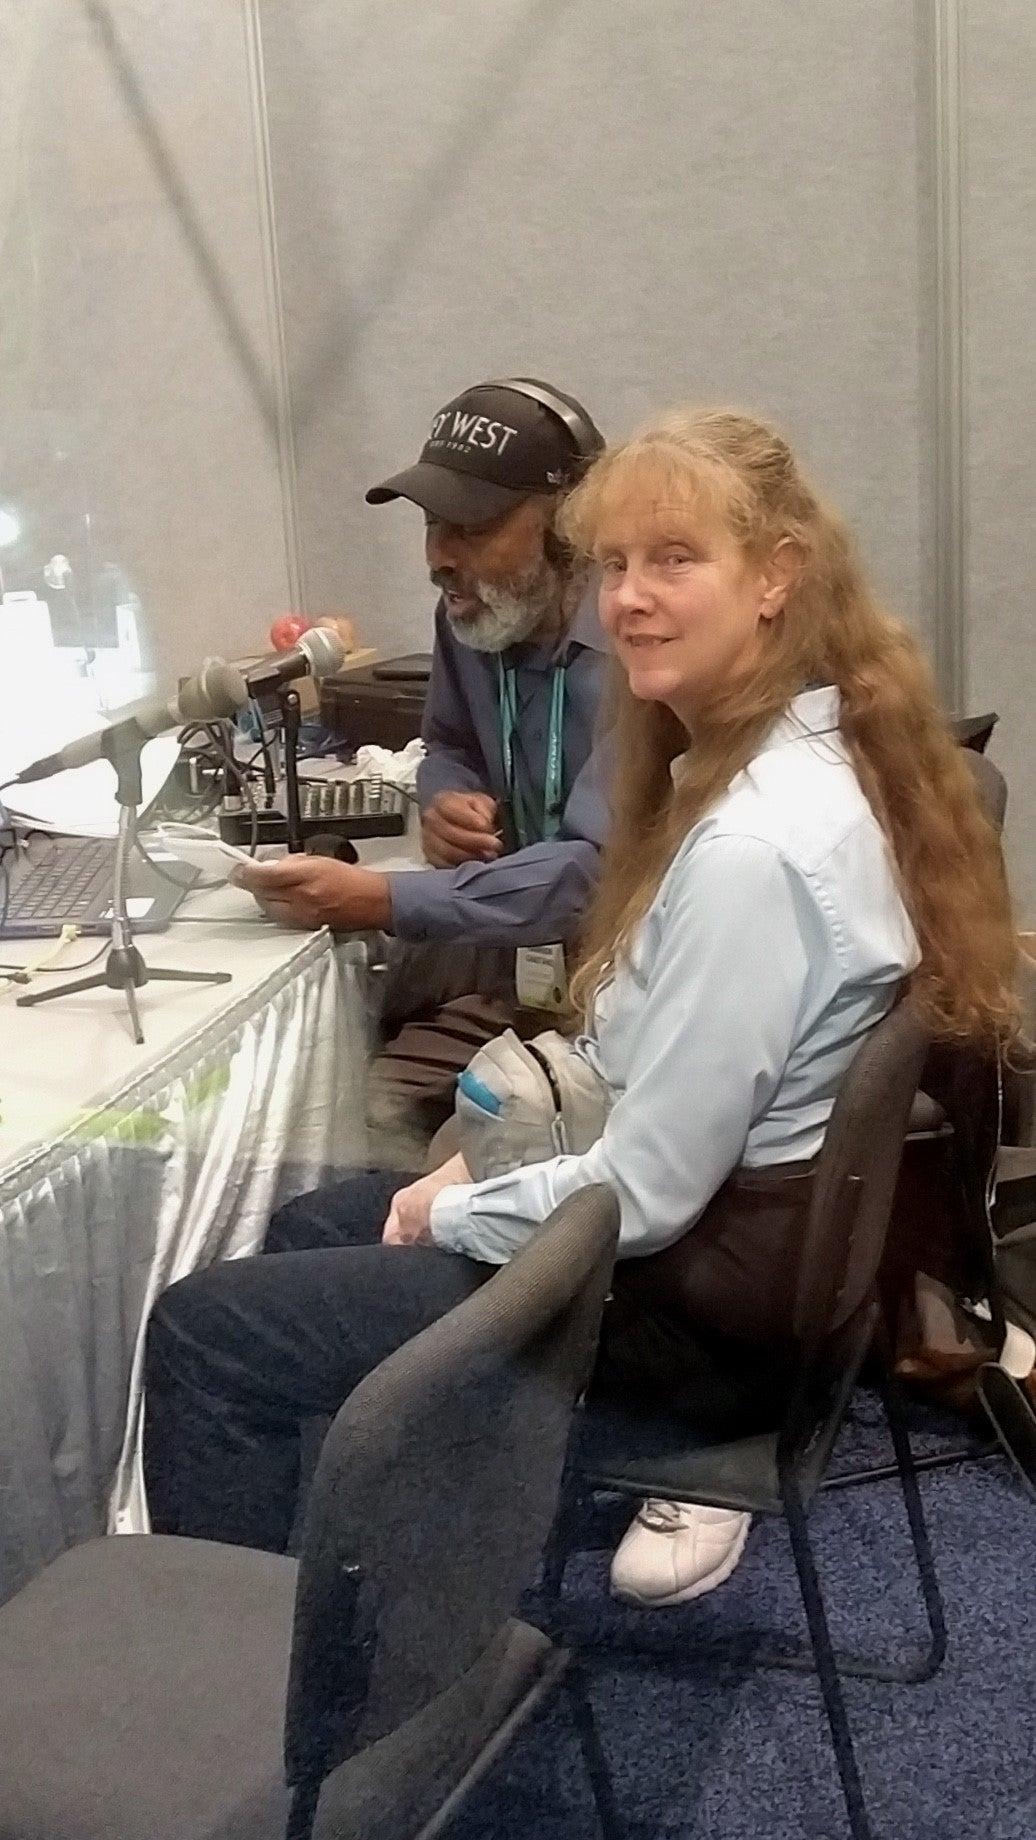 Elisa on radio show